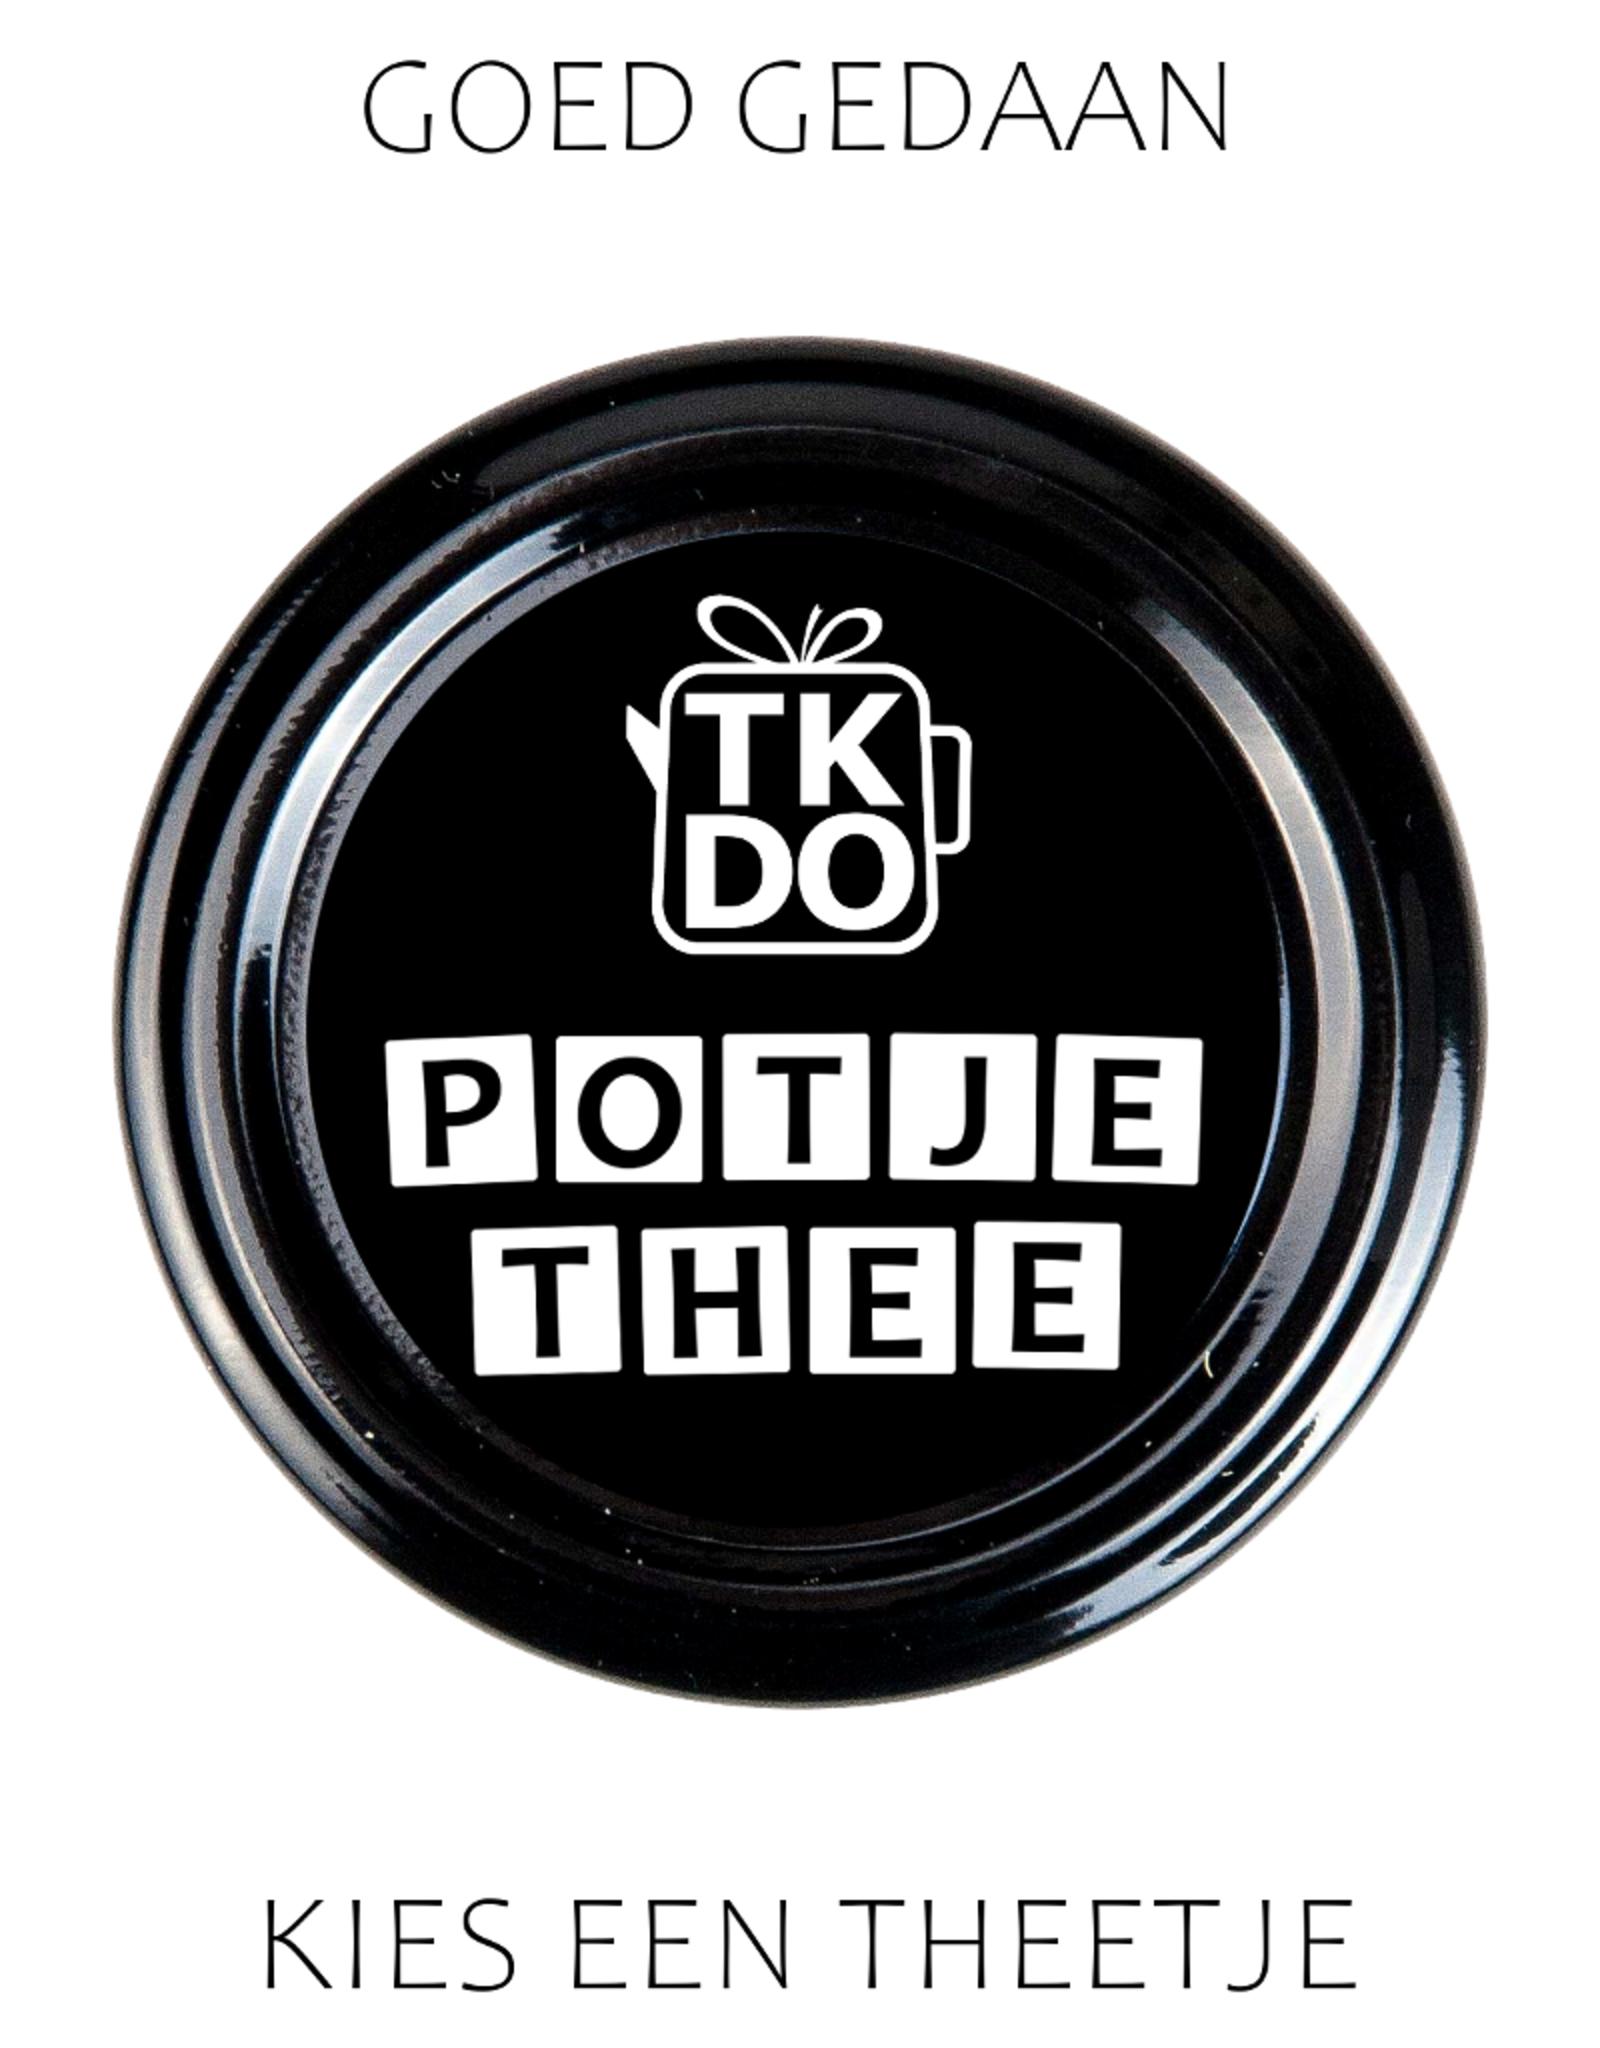 Goed Gedaan - Potje Thee naar keuze van TKDO